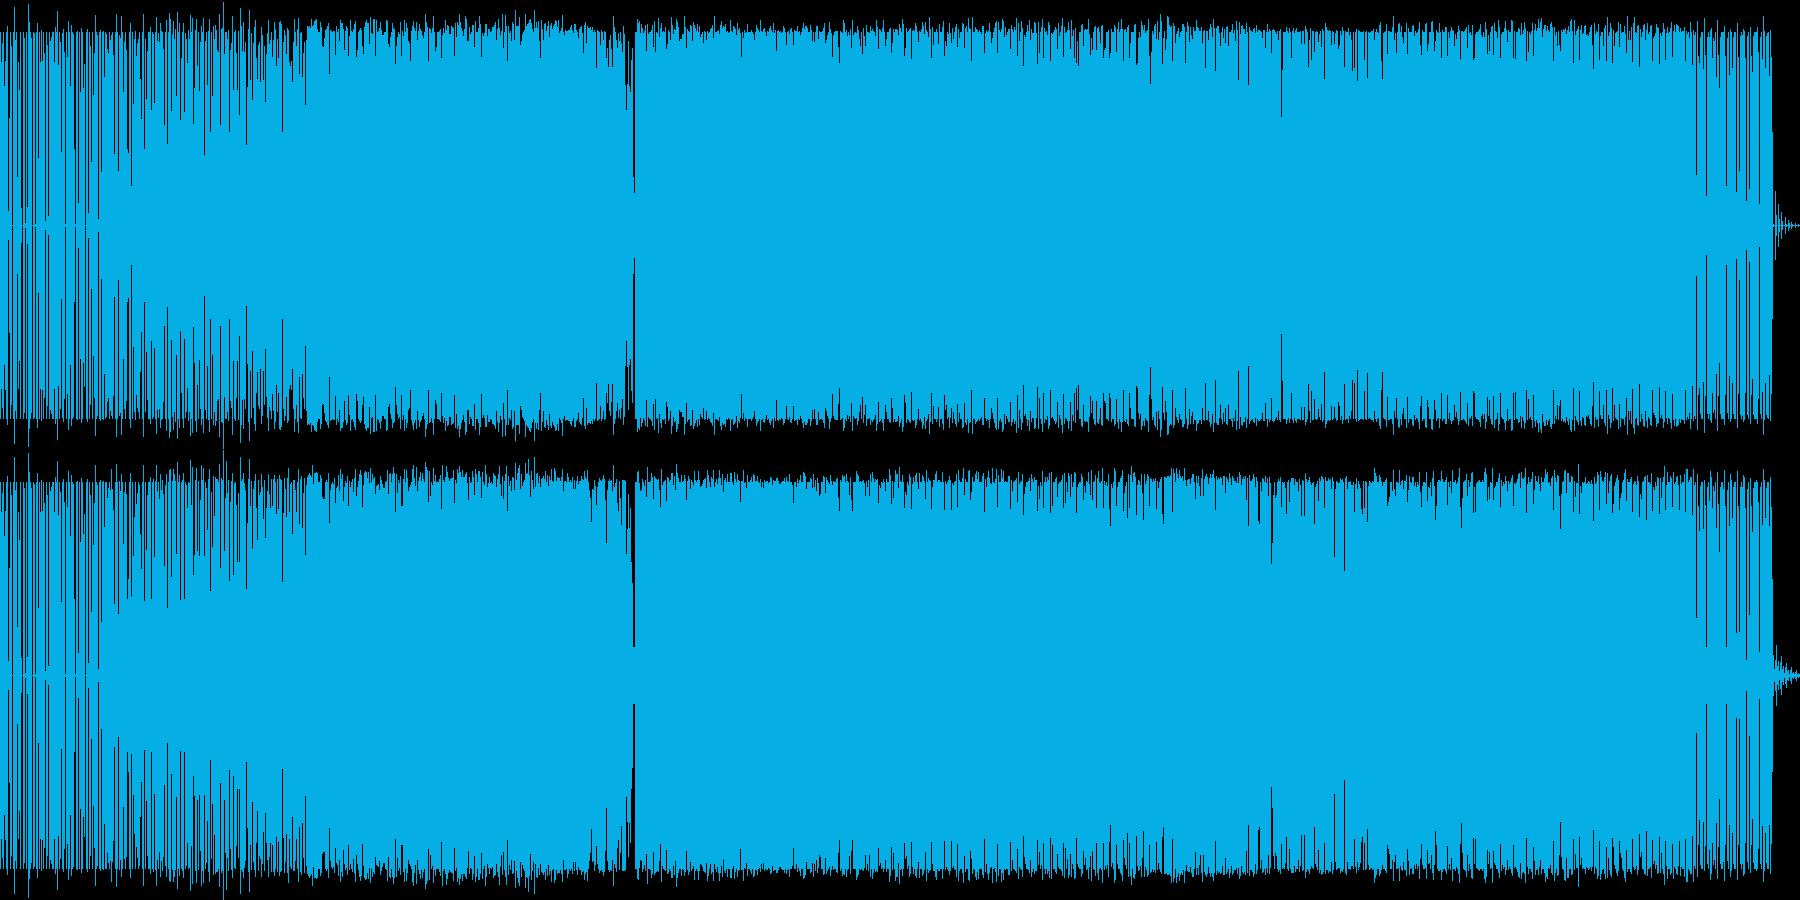 テクノ アングラ ミュージックの再生済みの波形